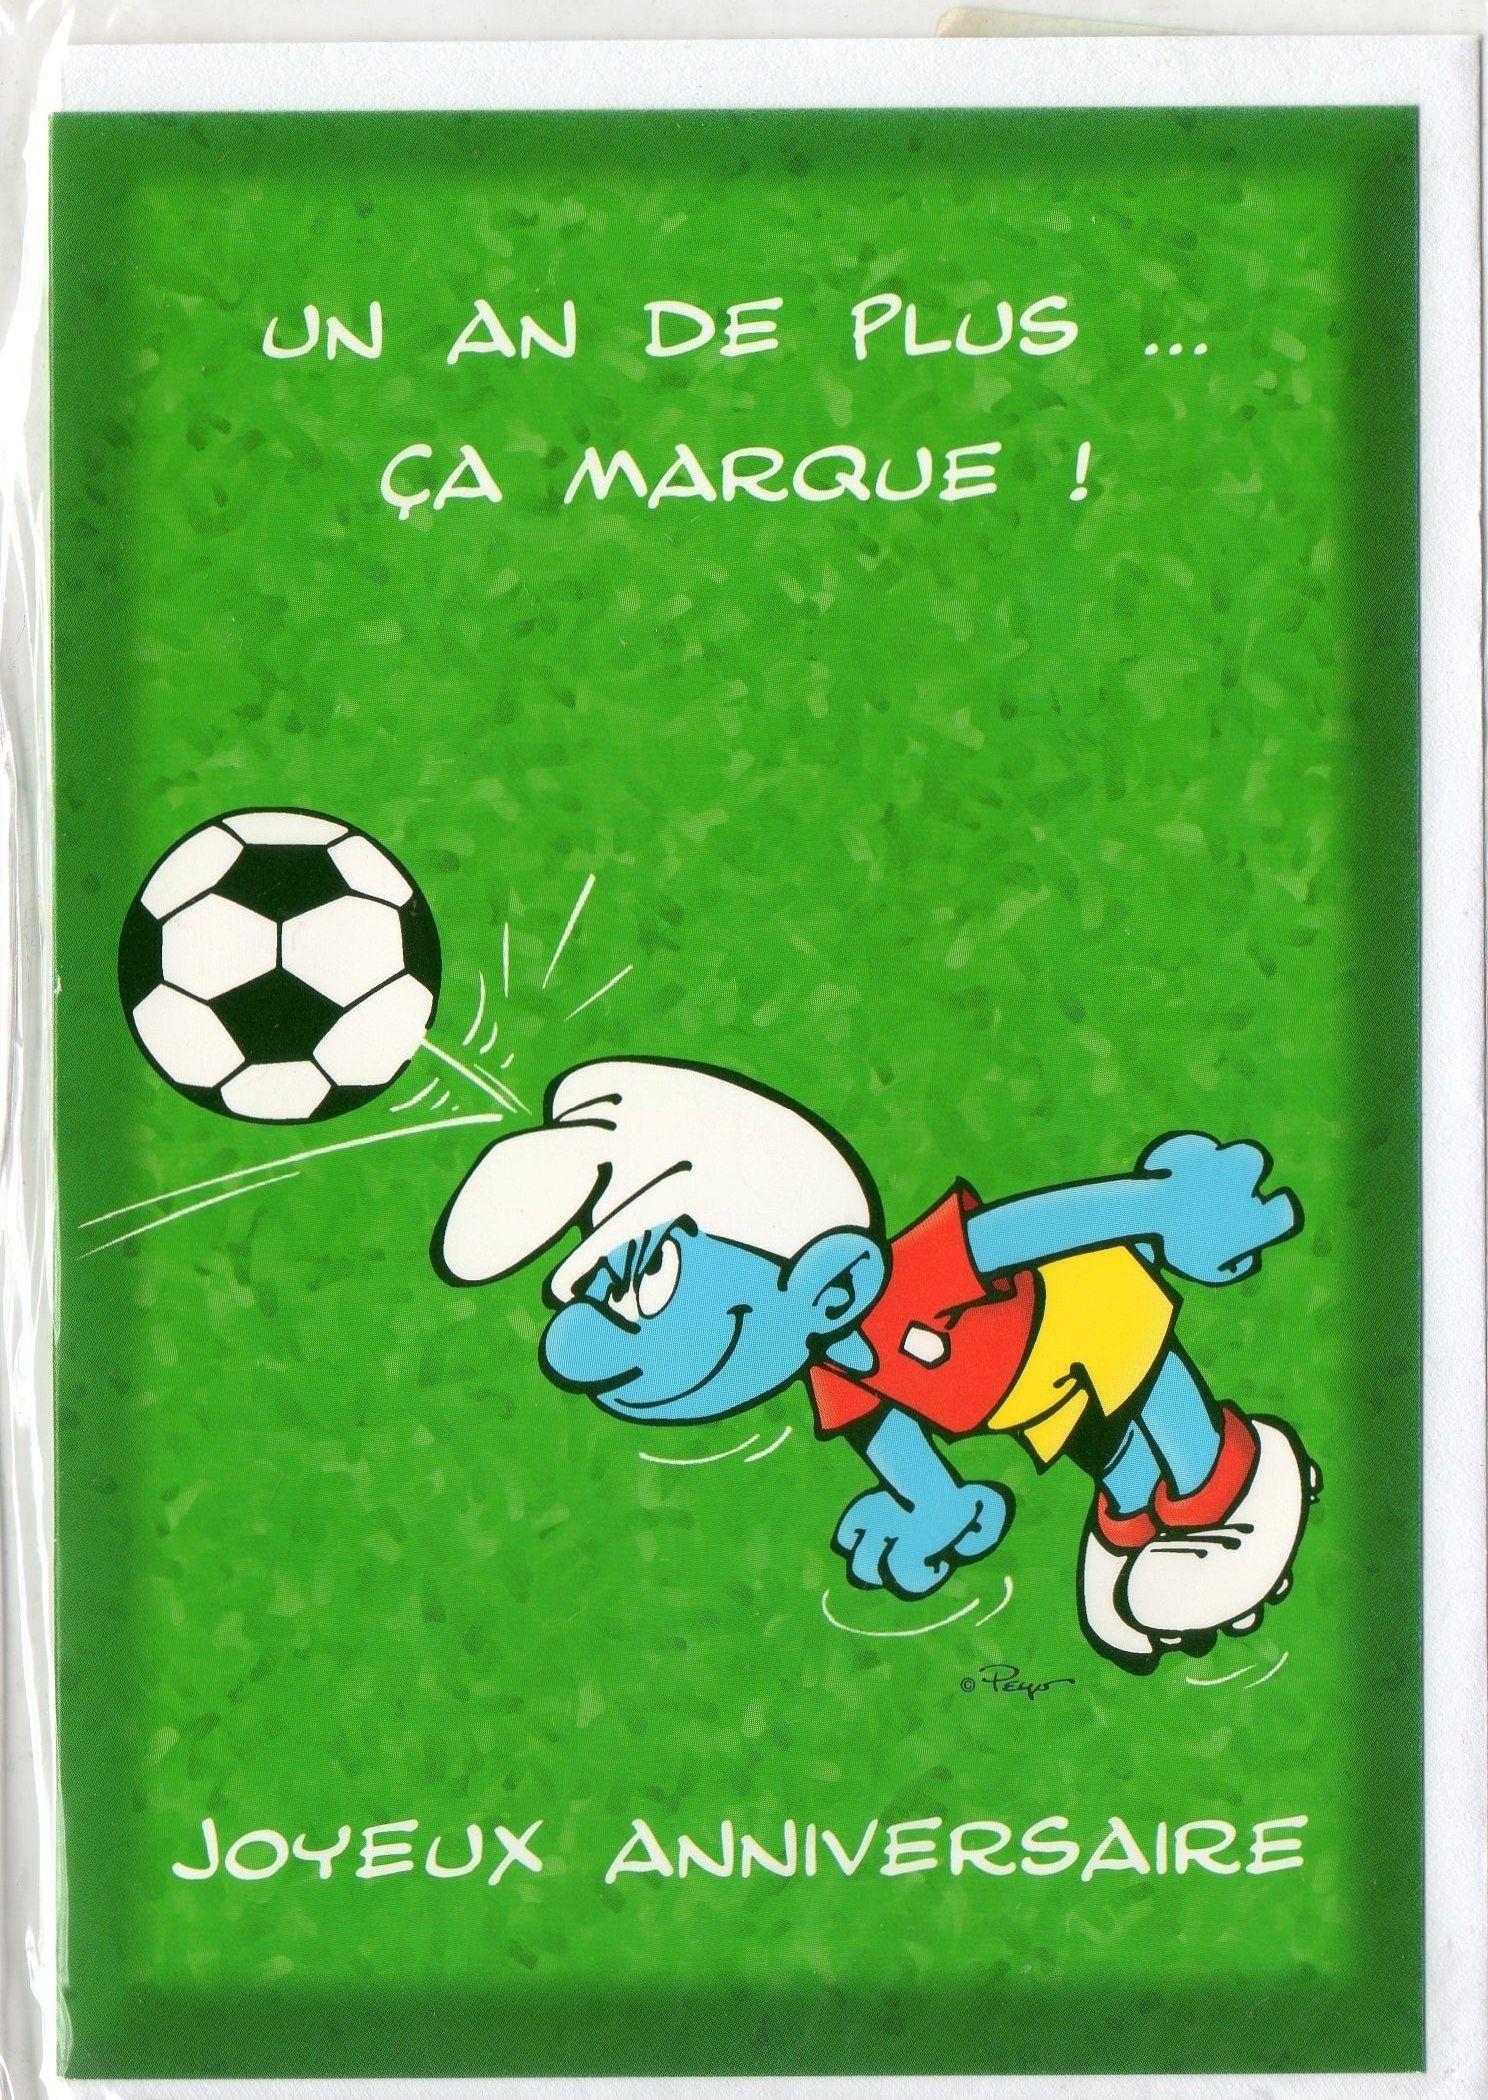 Carte D Anniversaire Gratuite A Imprimer Football Best Of Carte Anniversaire Humour Foot Carte Joyeux Anniversaire Carte Anniversaire Humour Anniversaire Foot